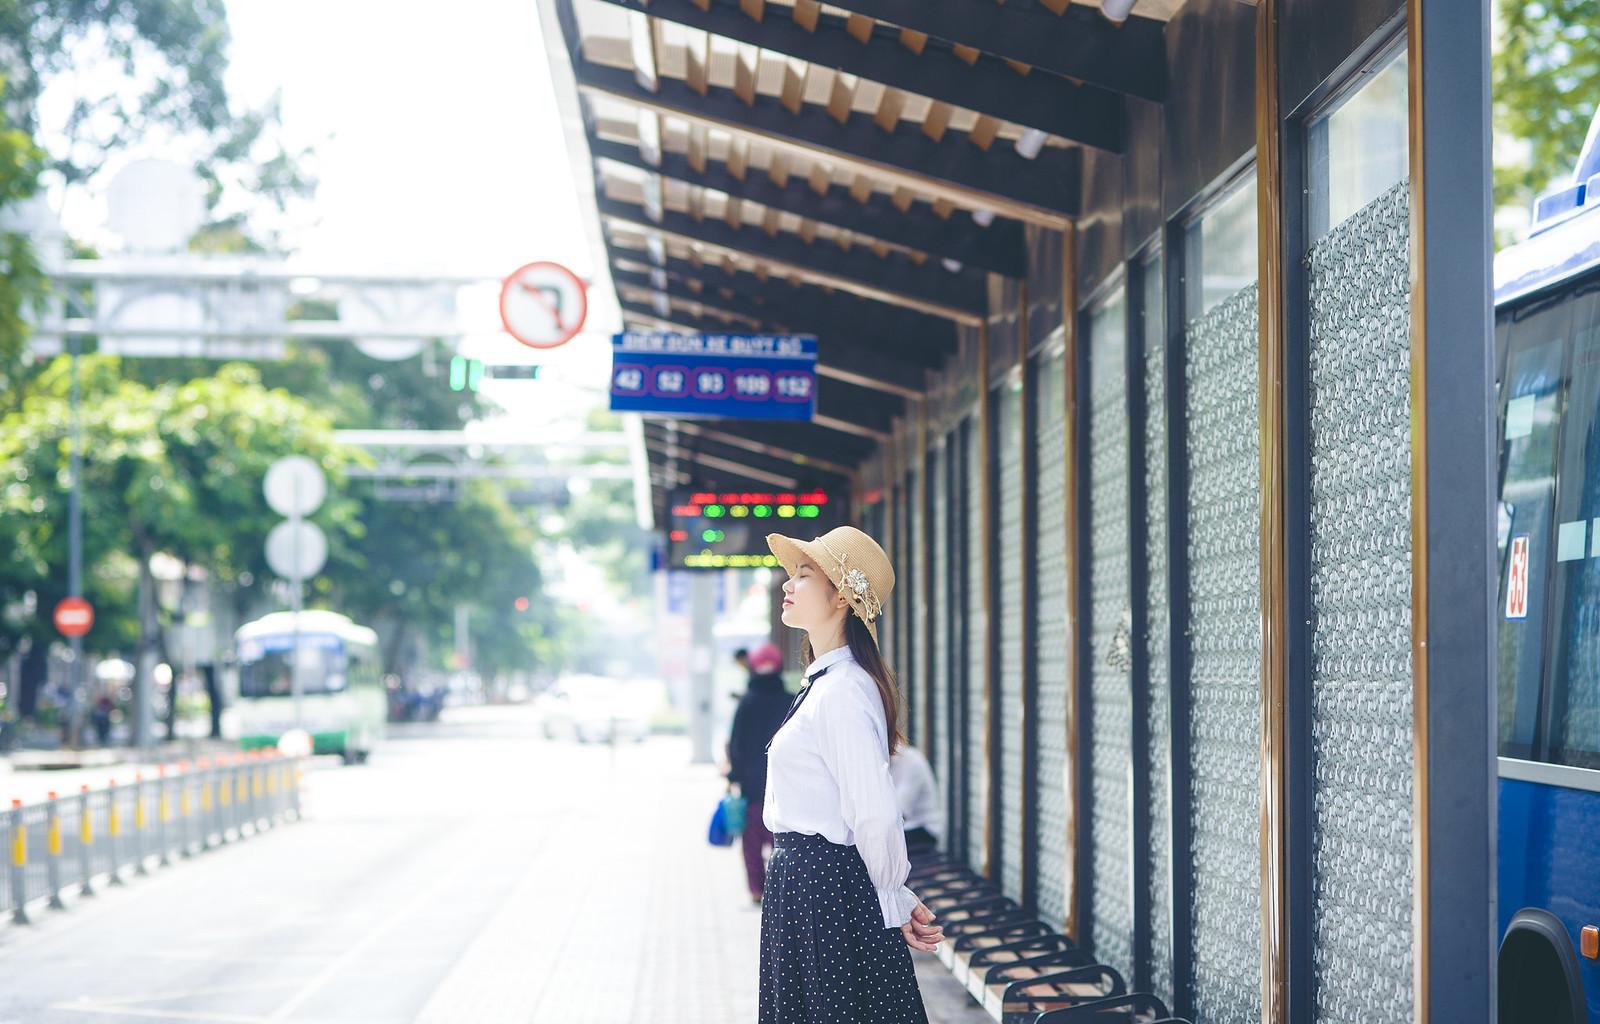 42406838444 d18907fe15 h - Trạm xe buýt quận 1, địa điểm check-in mới cho giới trẻ Sài Gòn